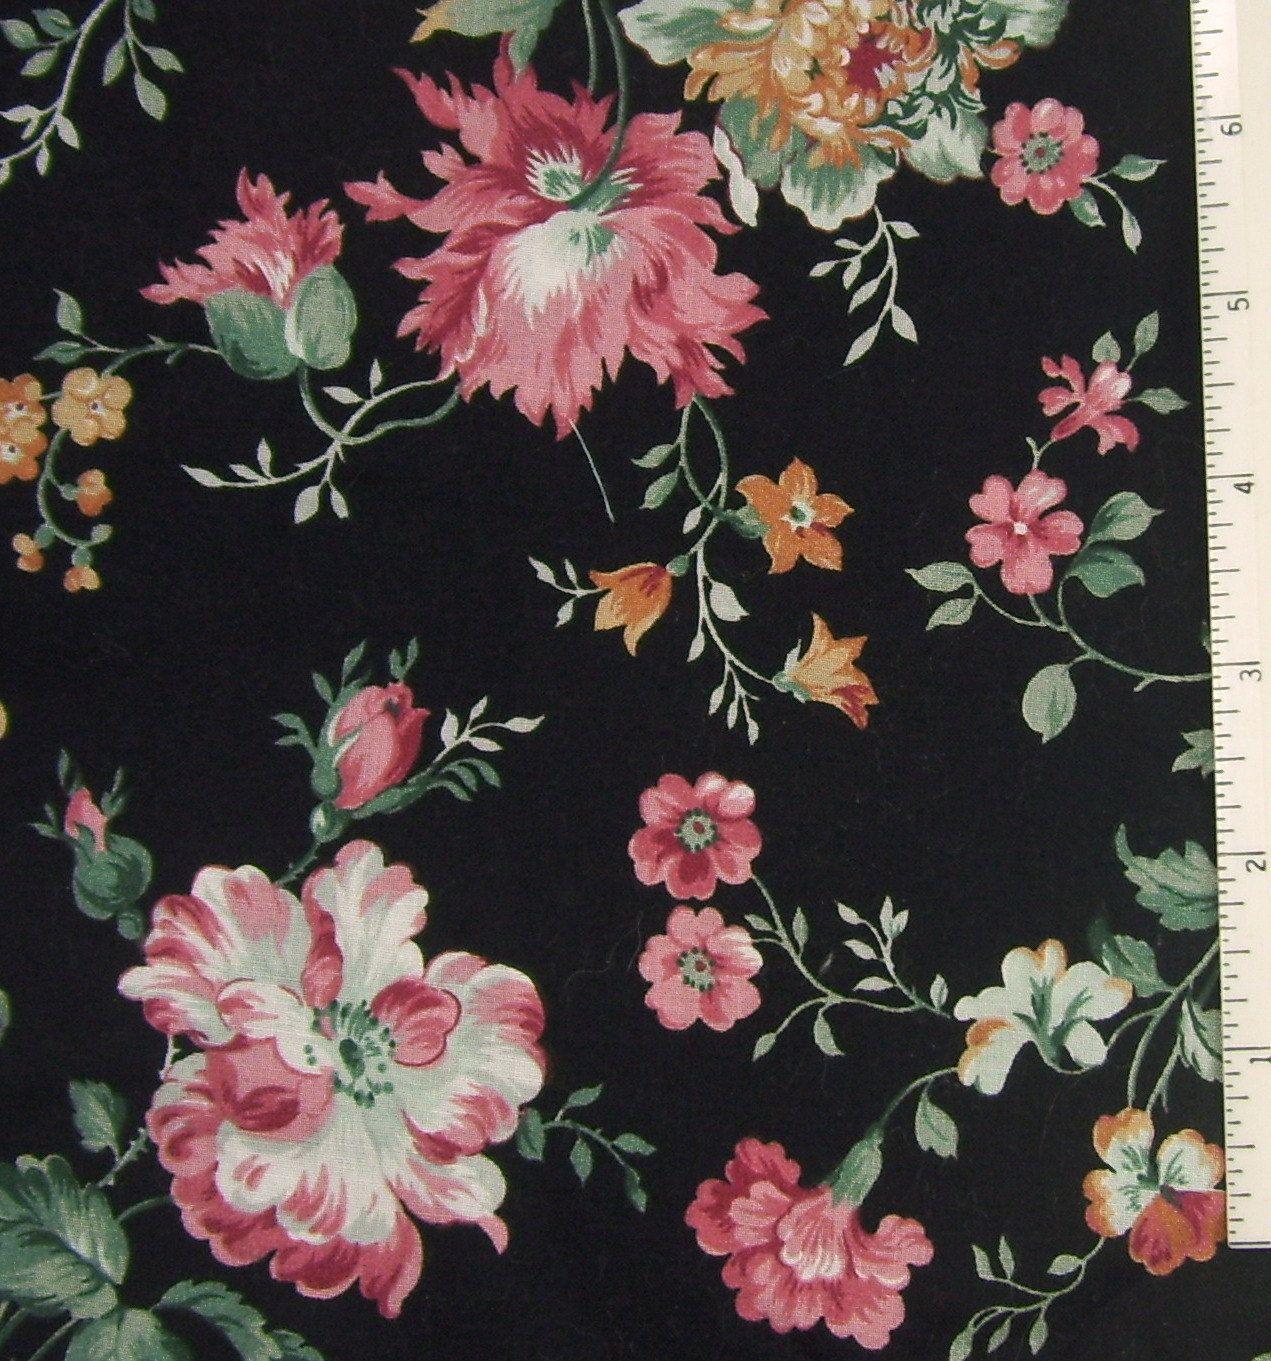 Black Pink Rose Floral Print Floral Prints Floral Wallpaper